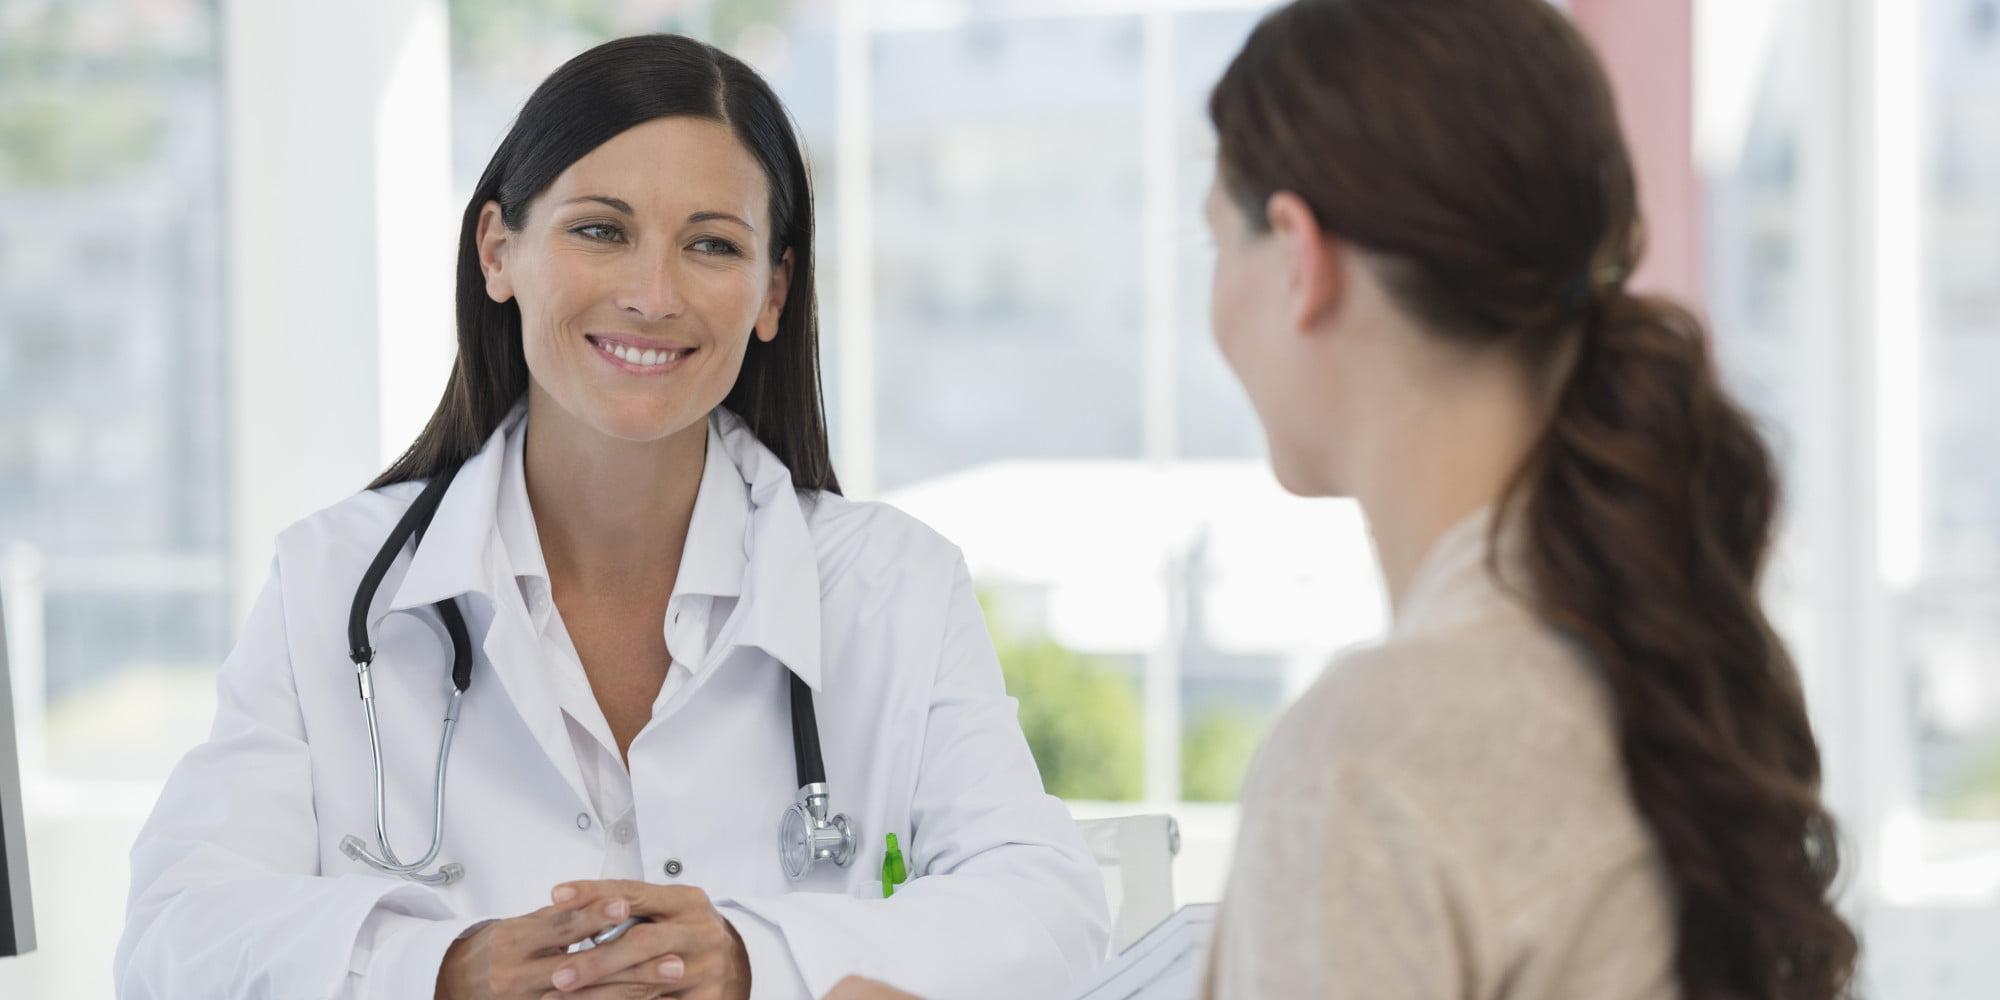 Femeie la doctor Foto: www.huffingtonpost.com